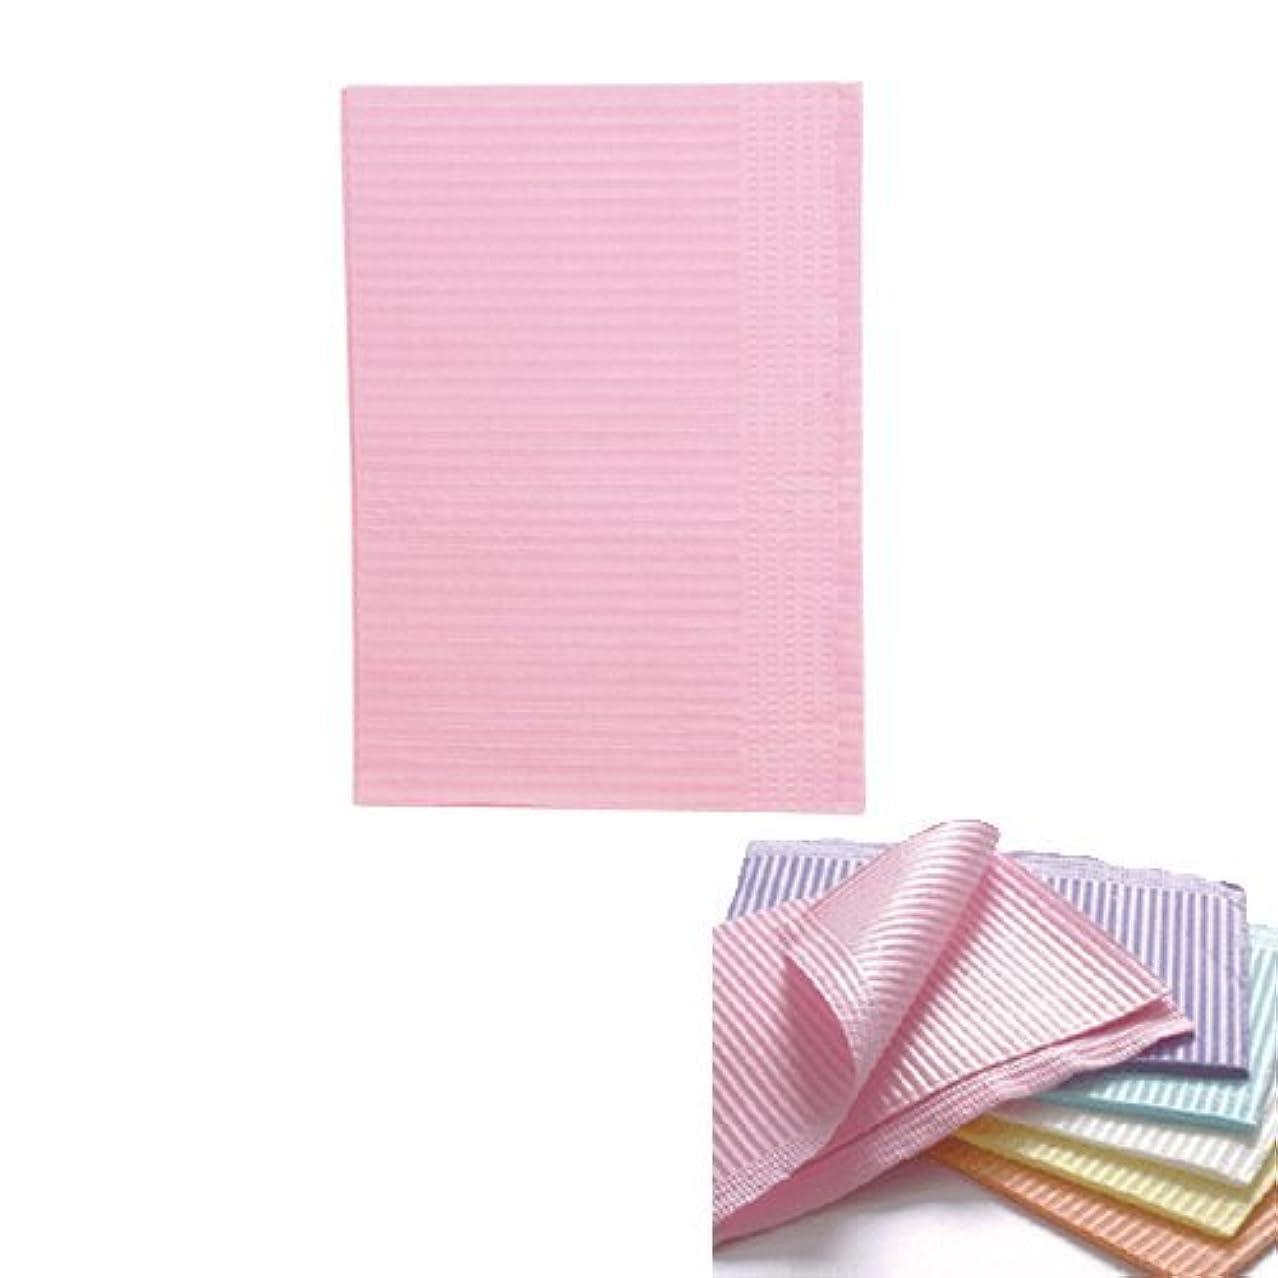 重要性輝くアプライアンスネイル 防水ペーパー/裏面防水ネイルシート 50枚 ピンク